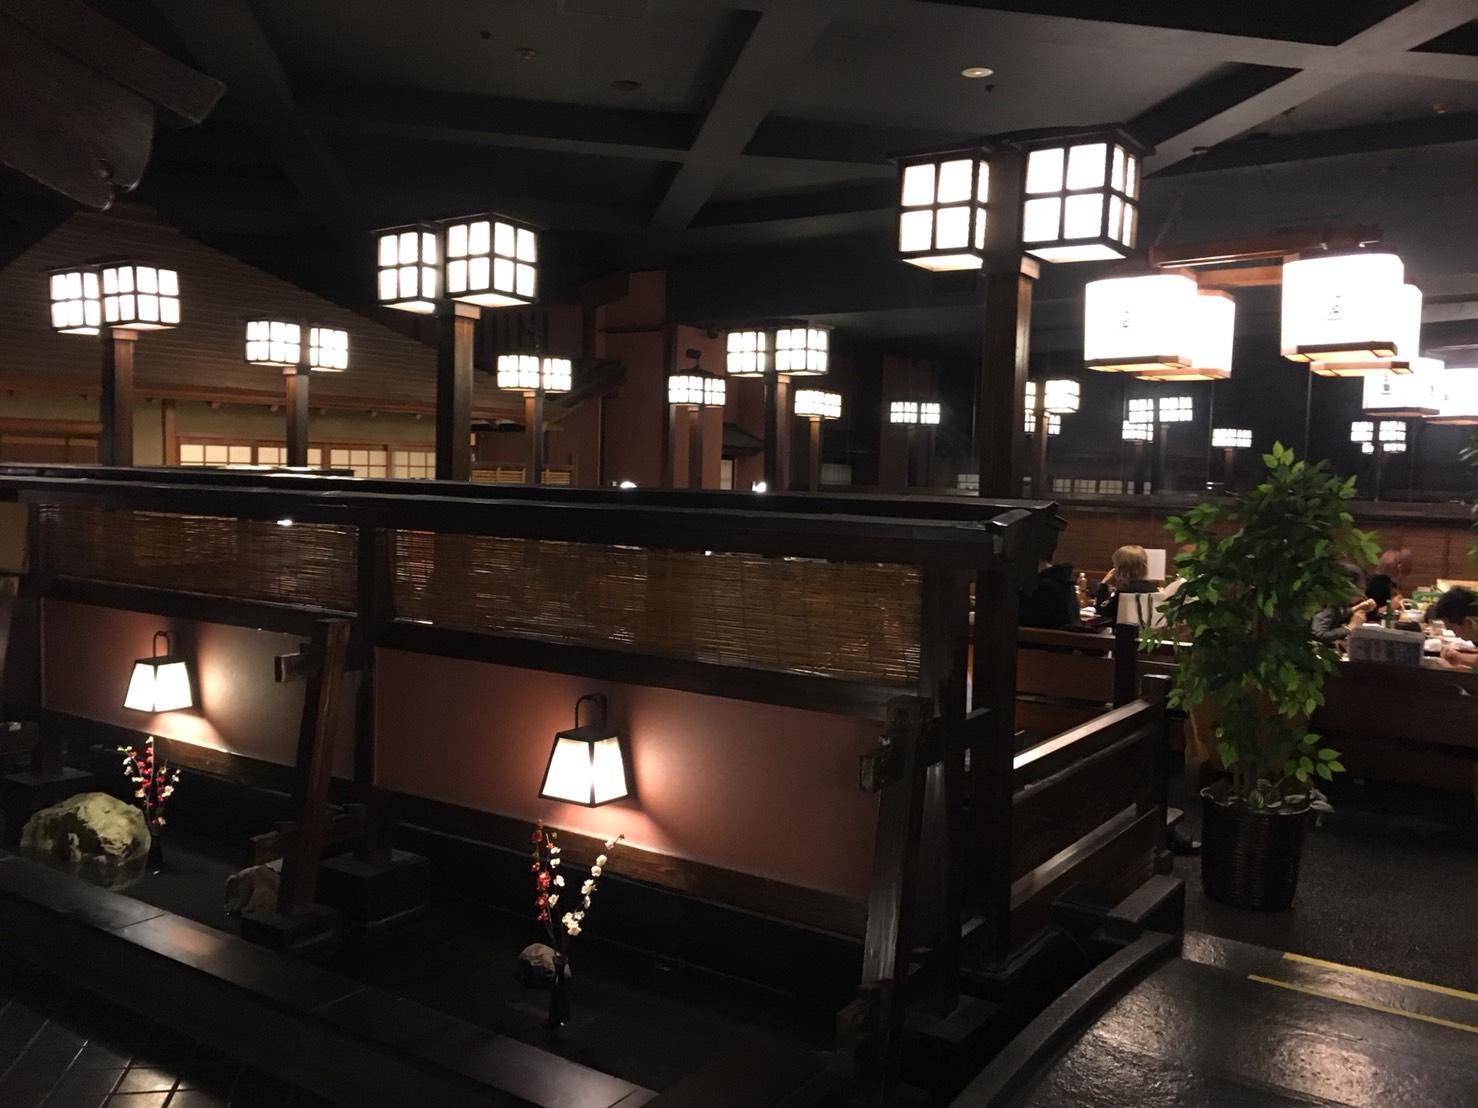 【新宿駅】贅の極み!蟹ざんまいで蟹に溺れる贅沢体験!豪華絢爛な「かに道楽」の店内1